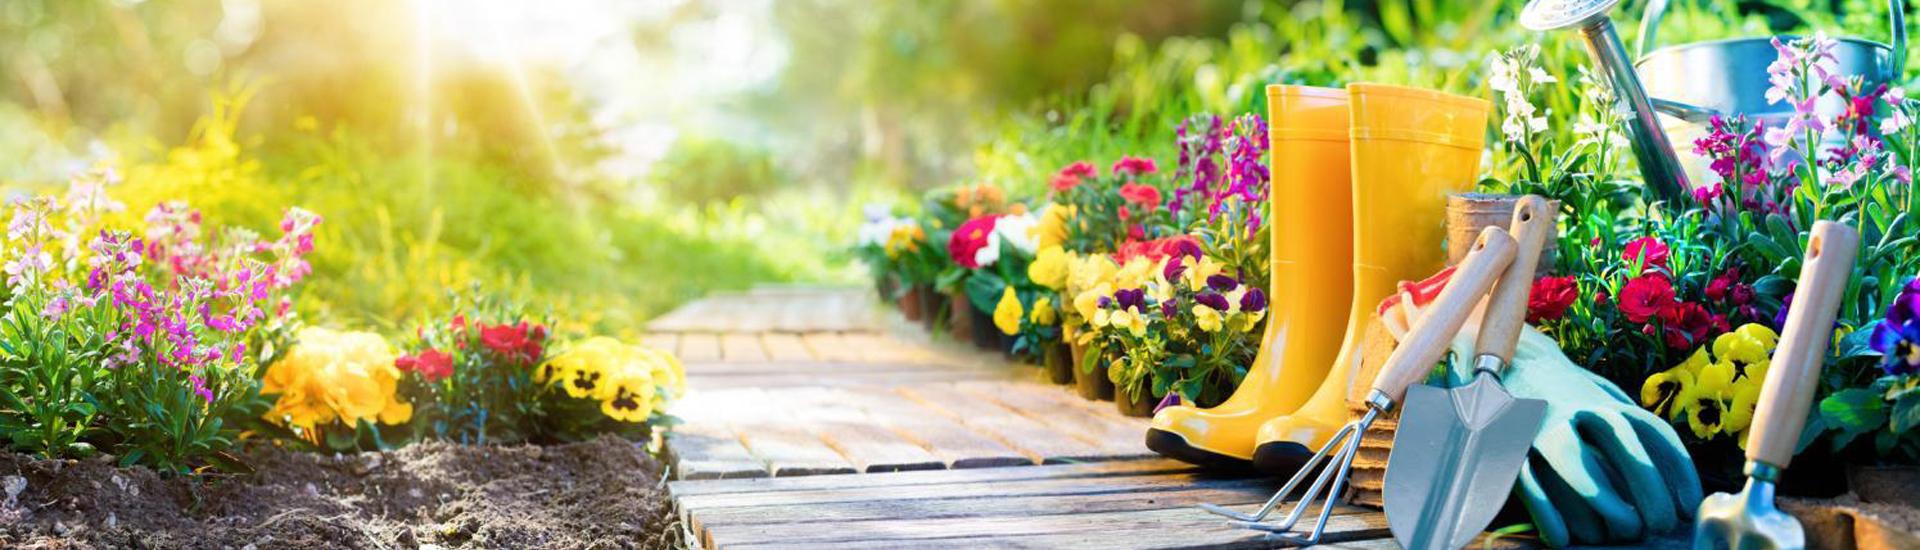 Petits travaux de jardinage